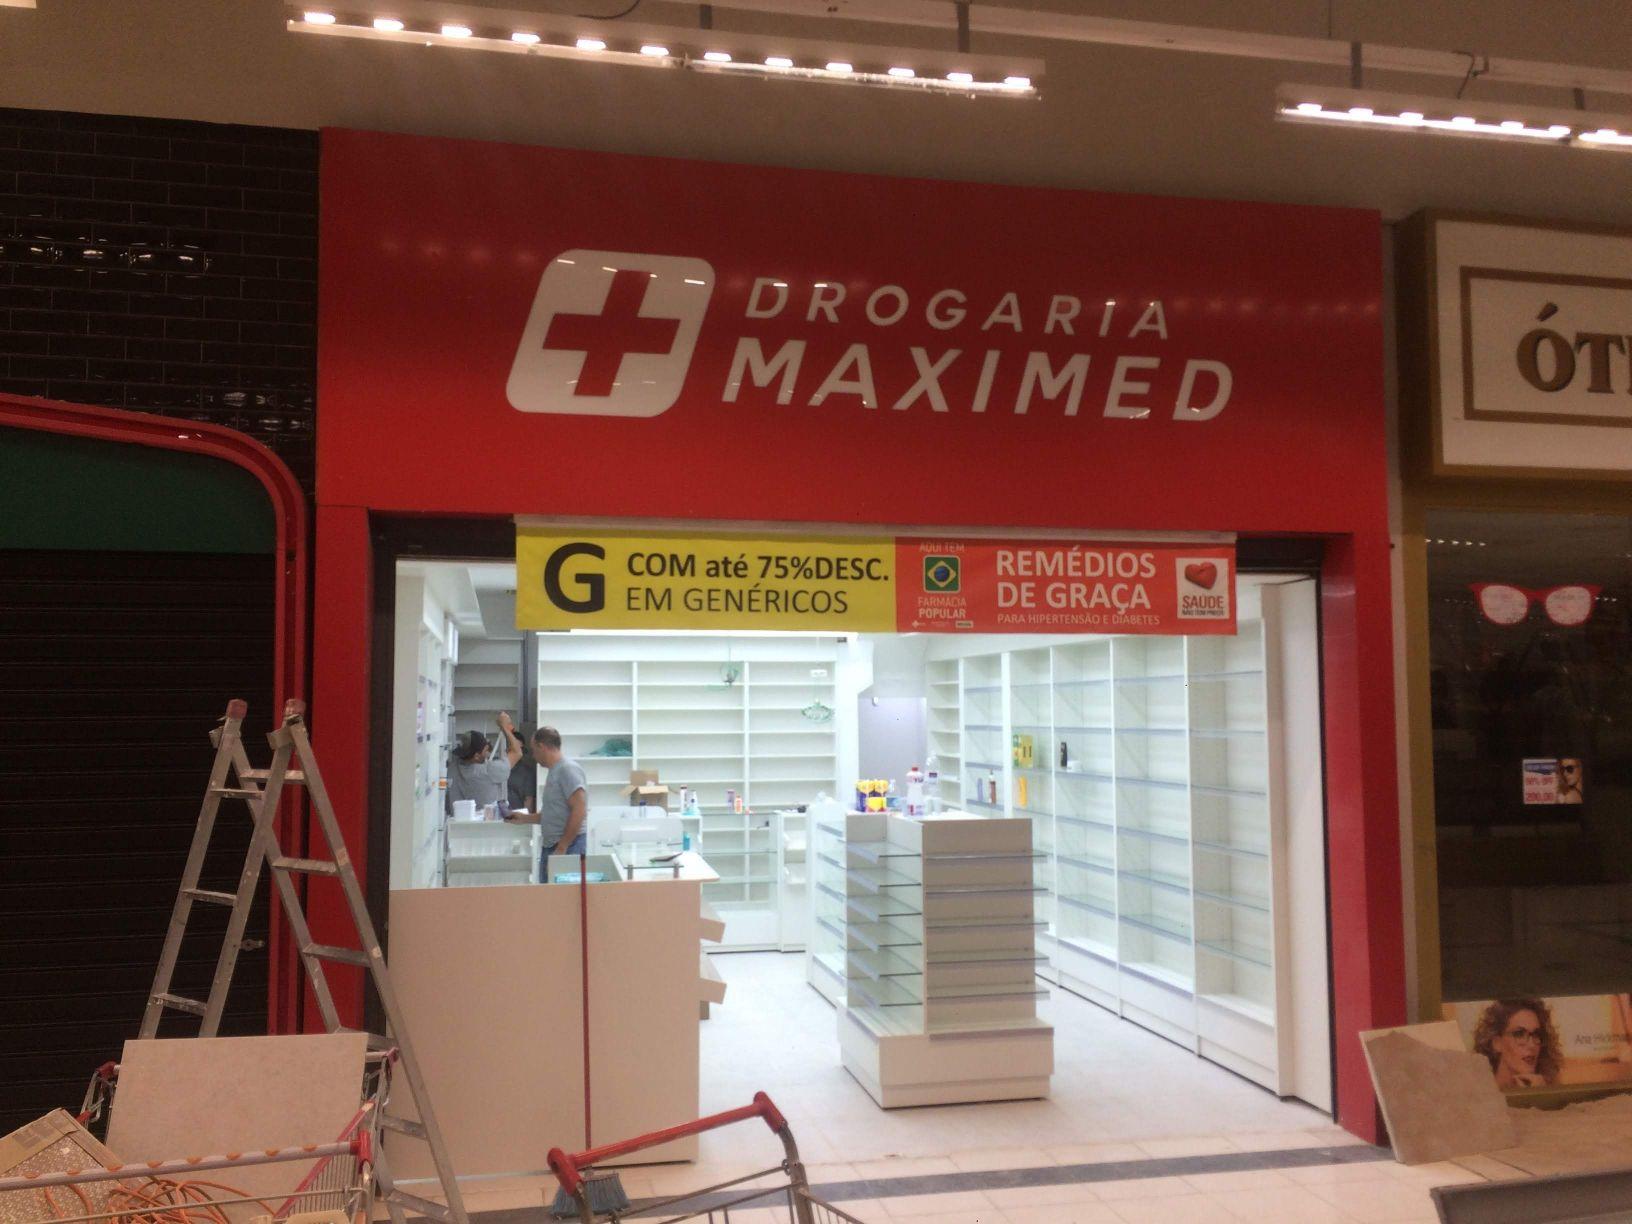 Maximed São Caetano